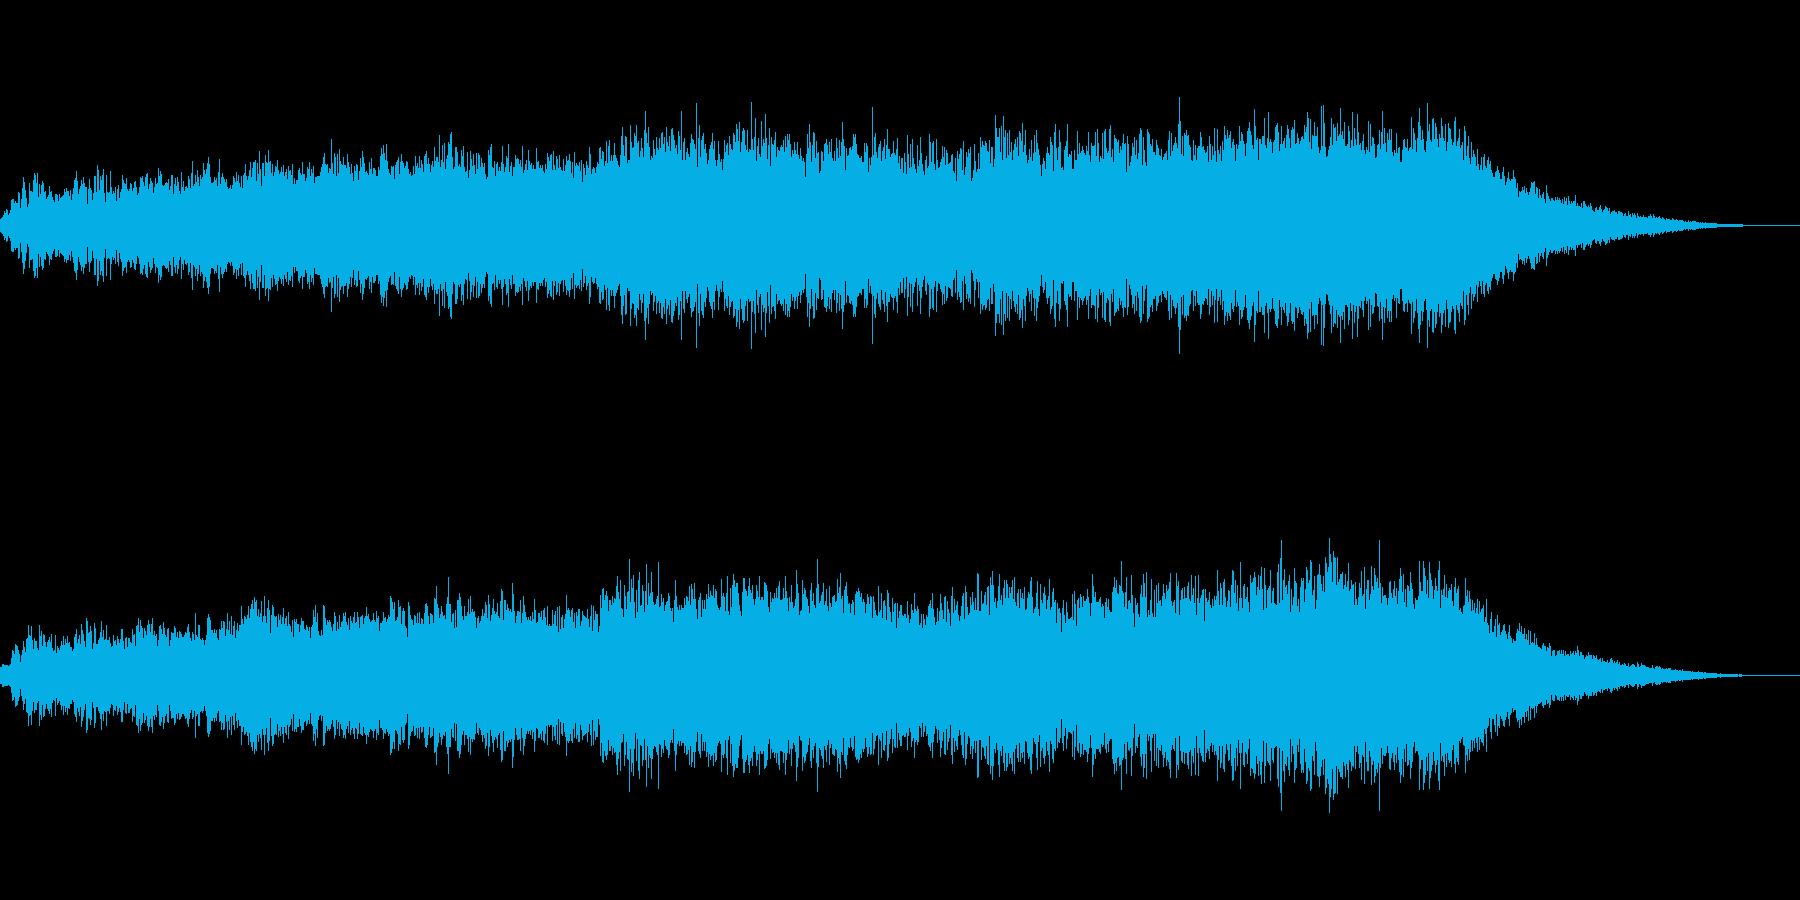 神秘的な雰囲気のアンビエント(背景音)の再生済みの波形